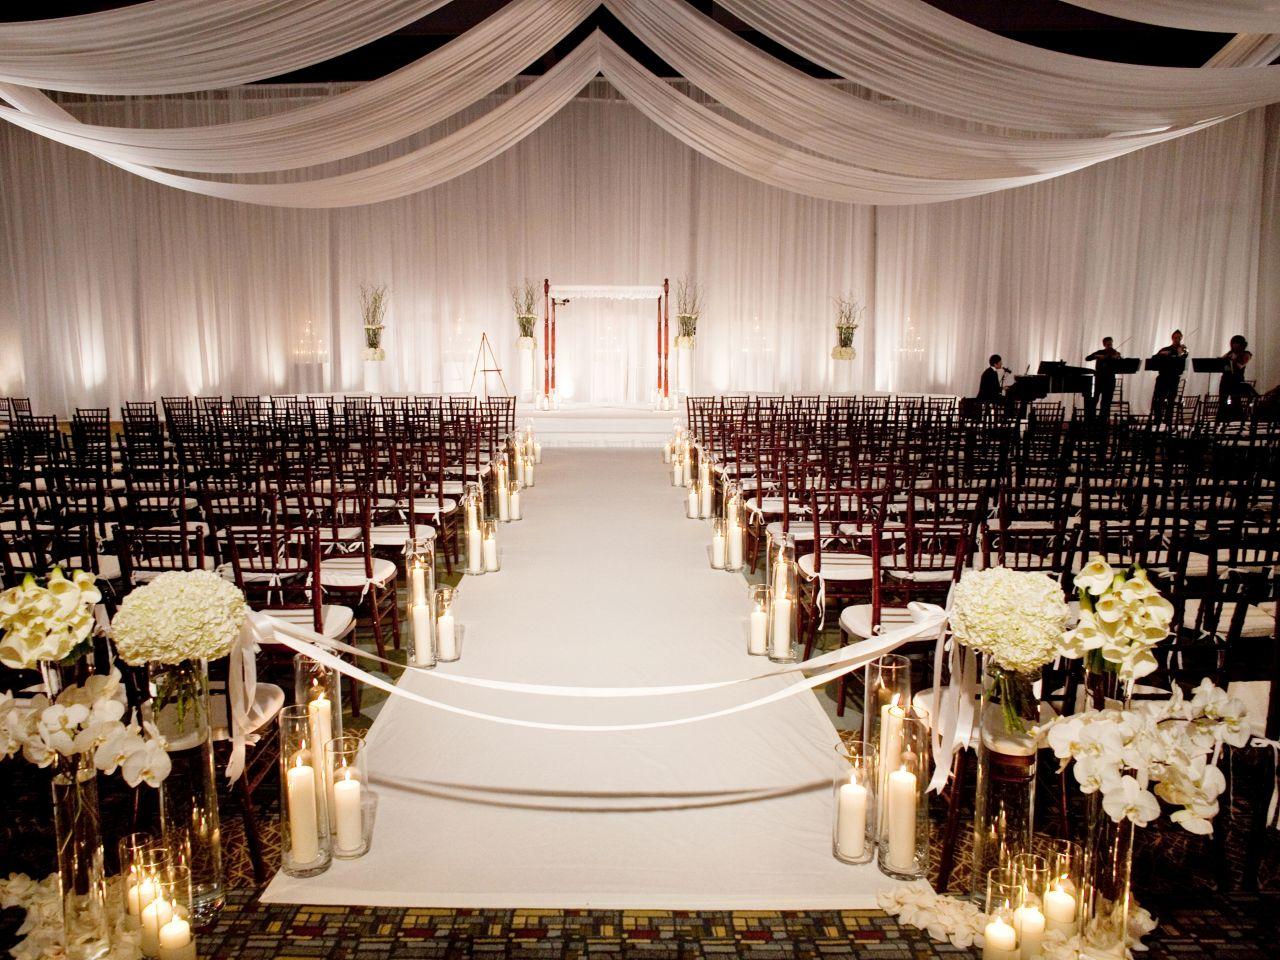 Ballroom Set for Ceremony